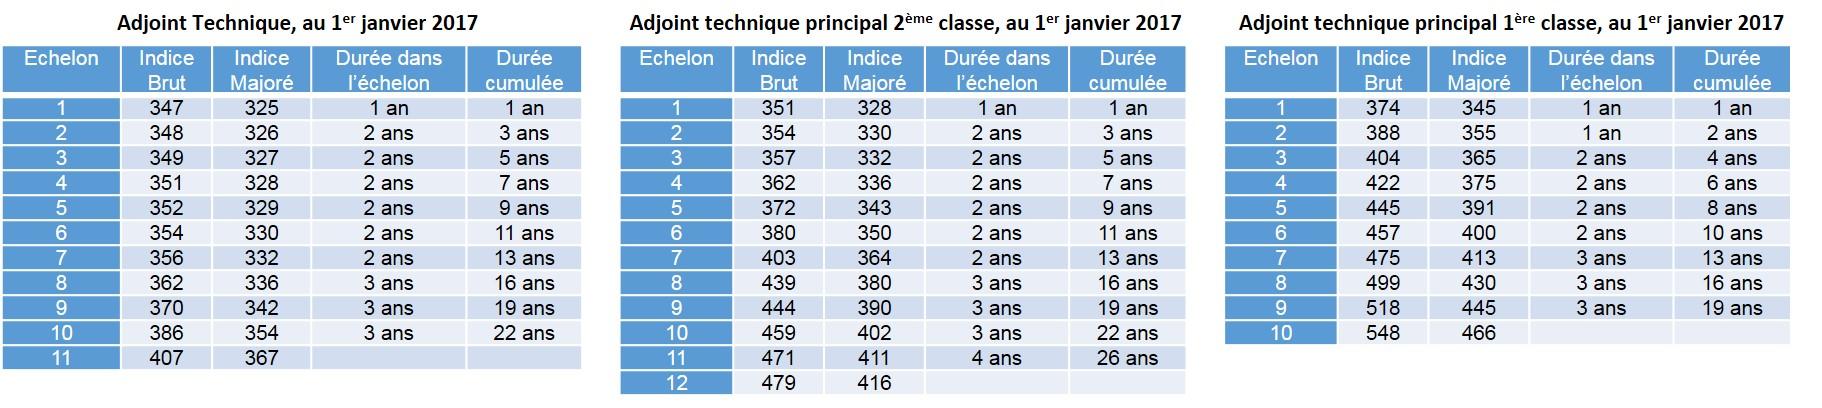 Grille indiciaire fonction publique hospi 2017 ppcr - Nouvelle grille indiciaire categorie b ...